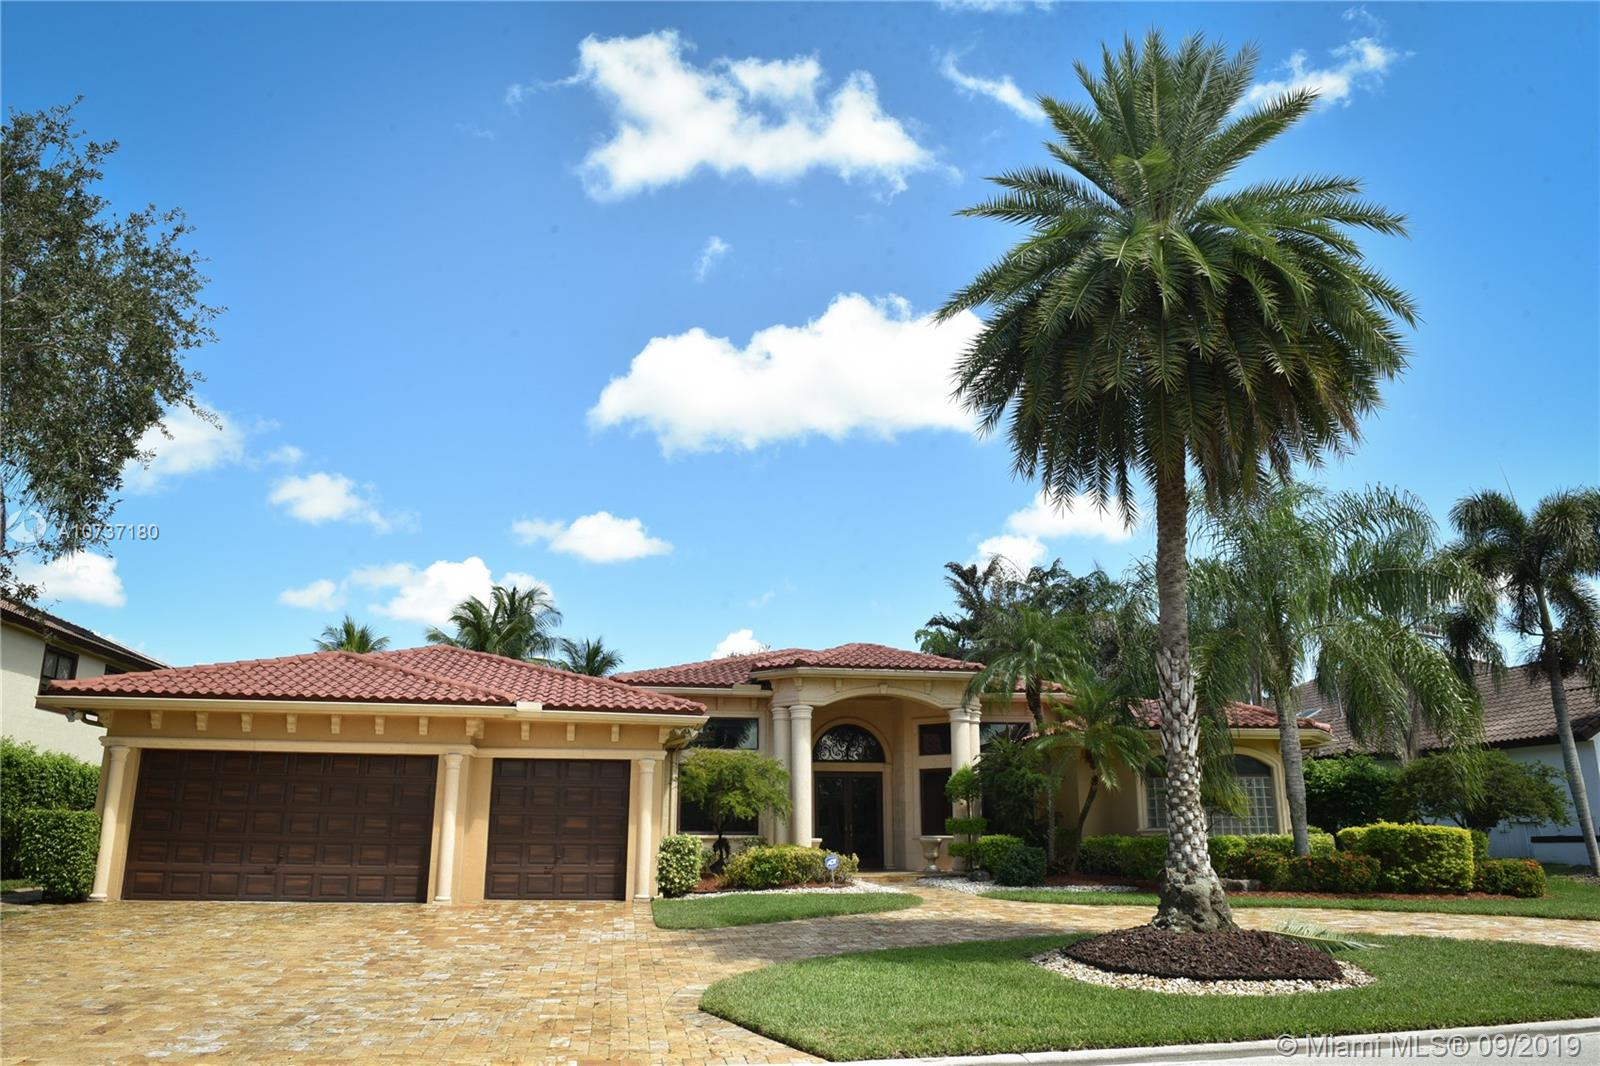 605 W Enclave Cir W, Pembroke Pines, FL 33027